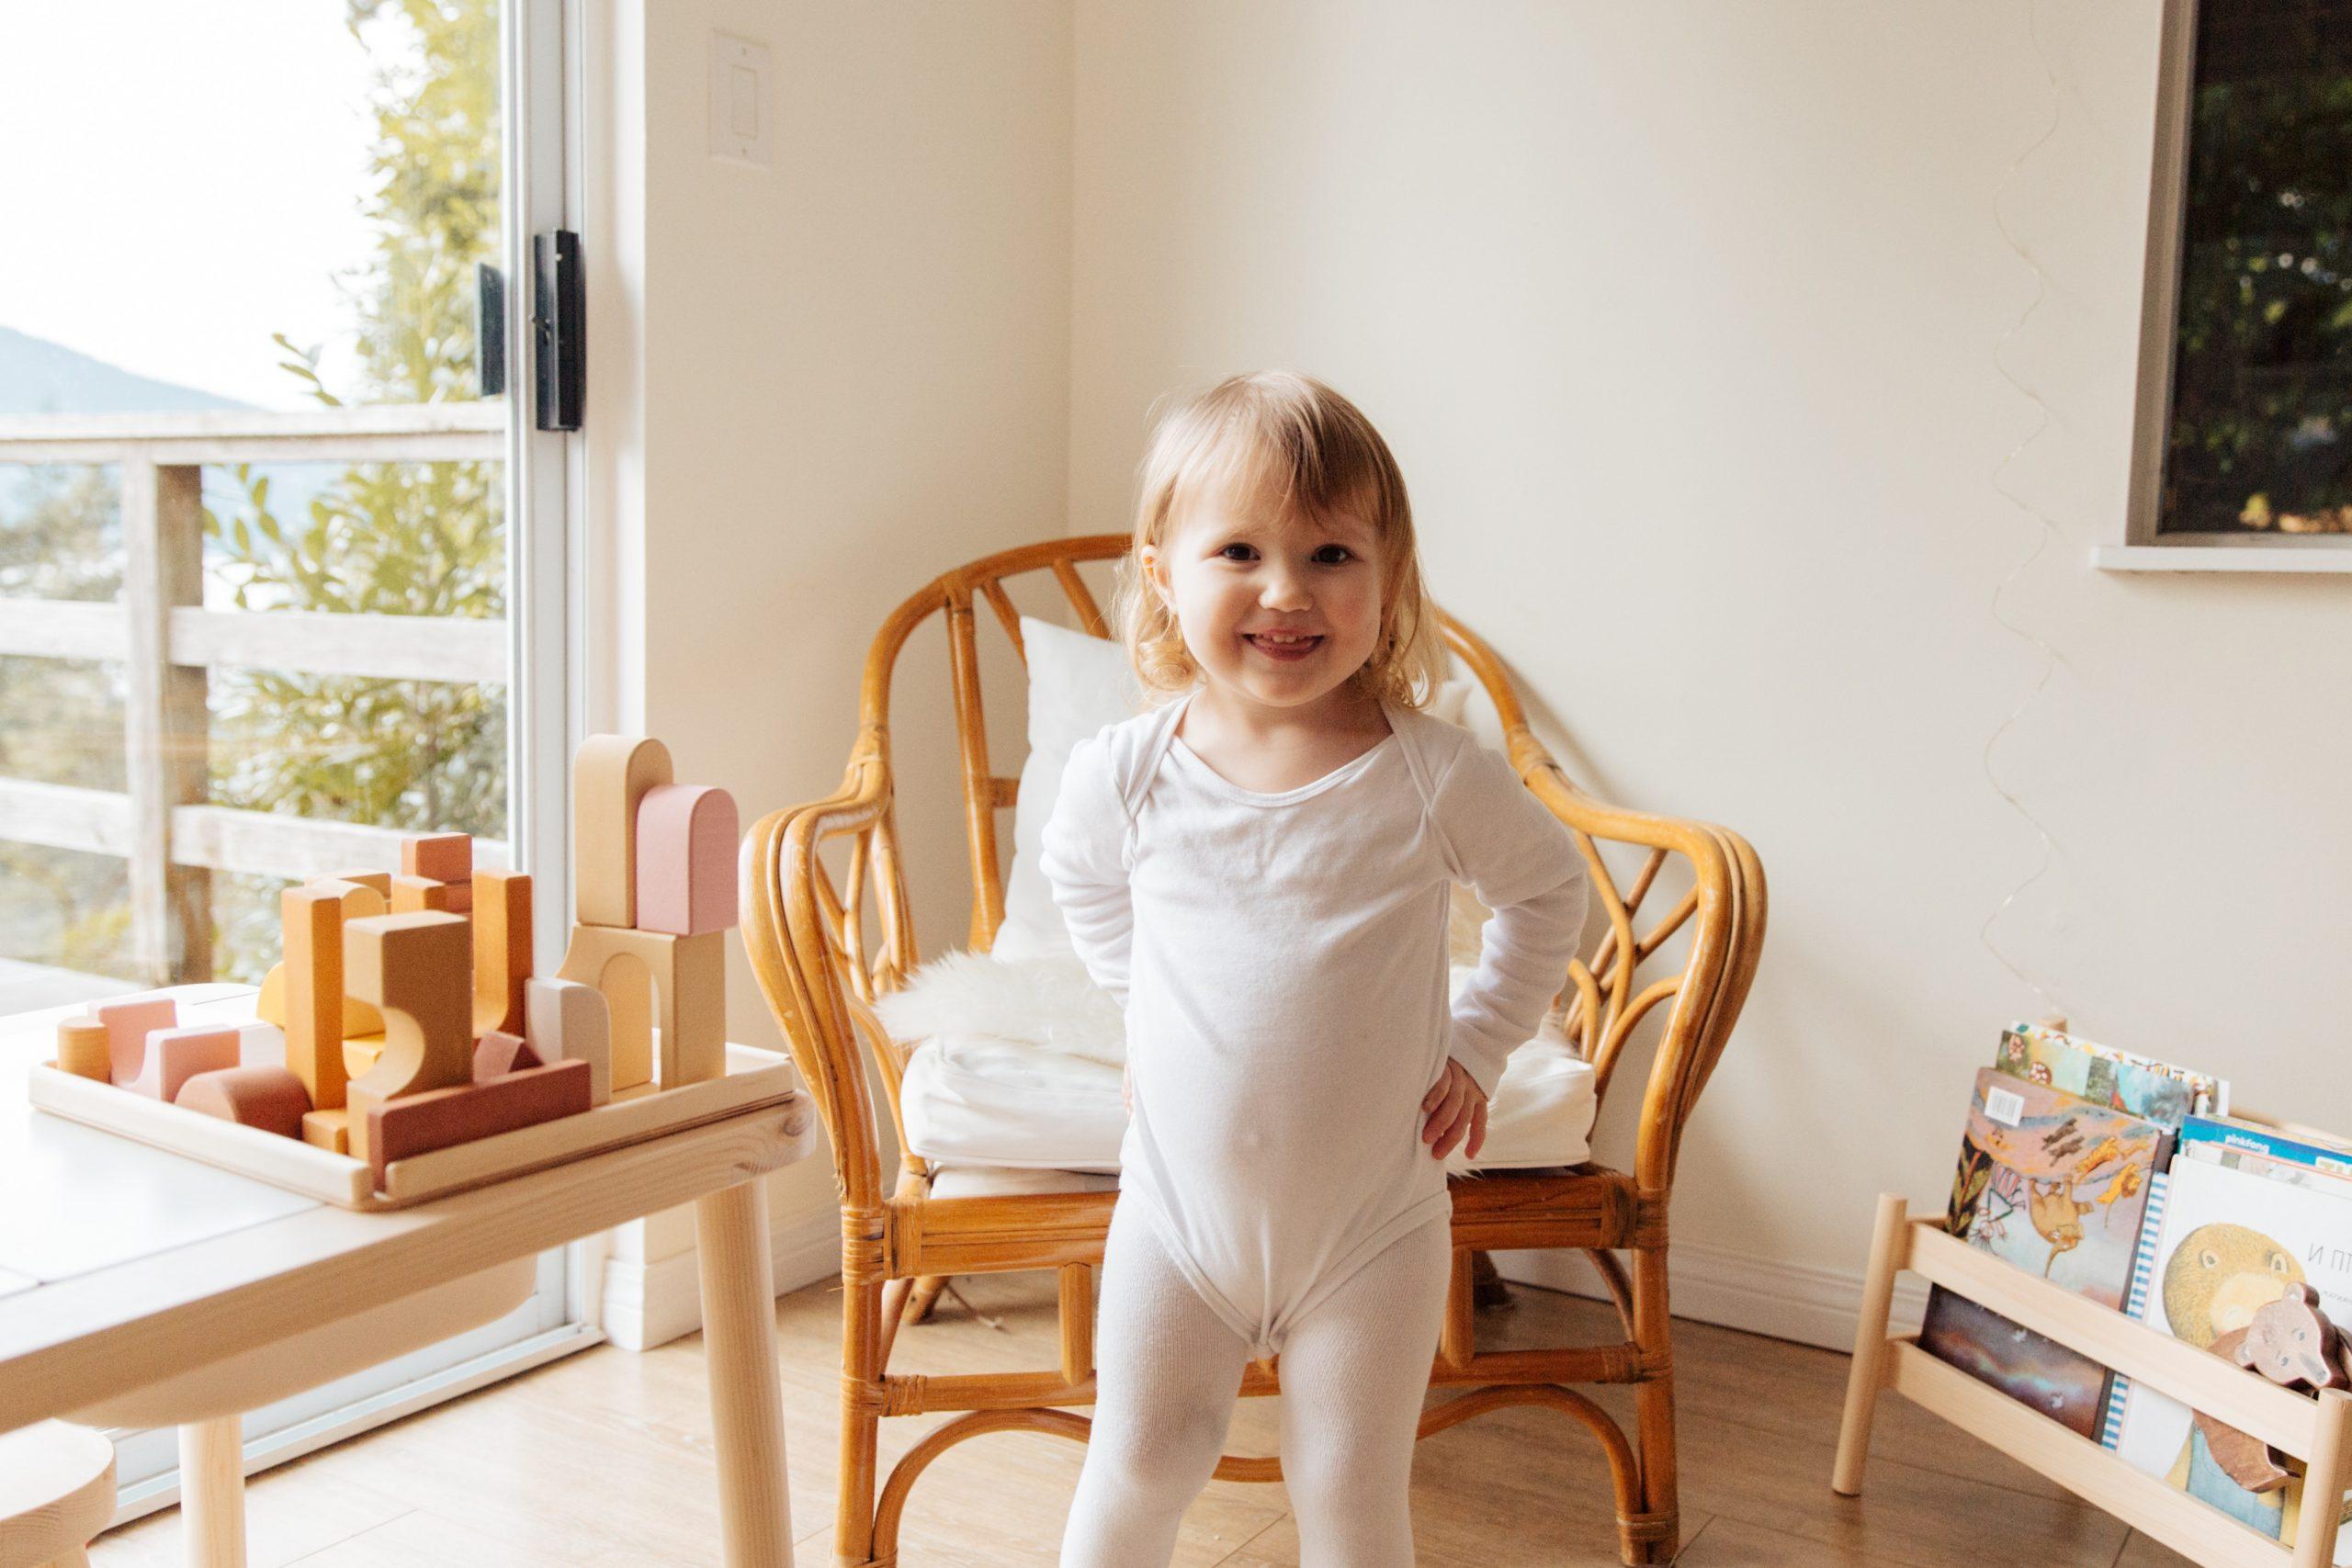 Poskrbimo za varno bivanje in igro najmlajših – skupaj doma zaradi koronavirusa